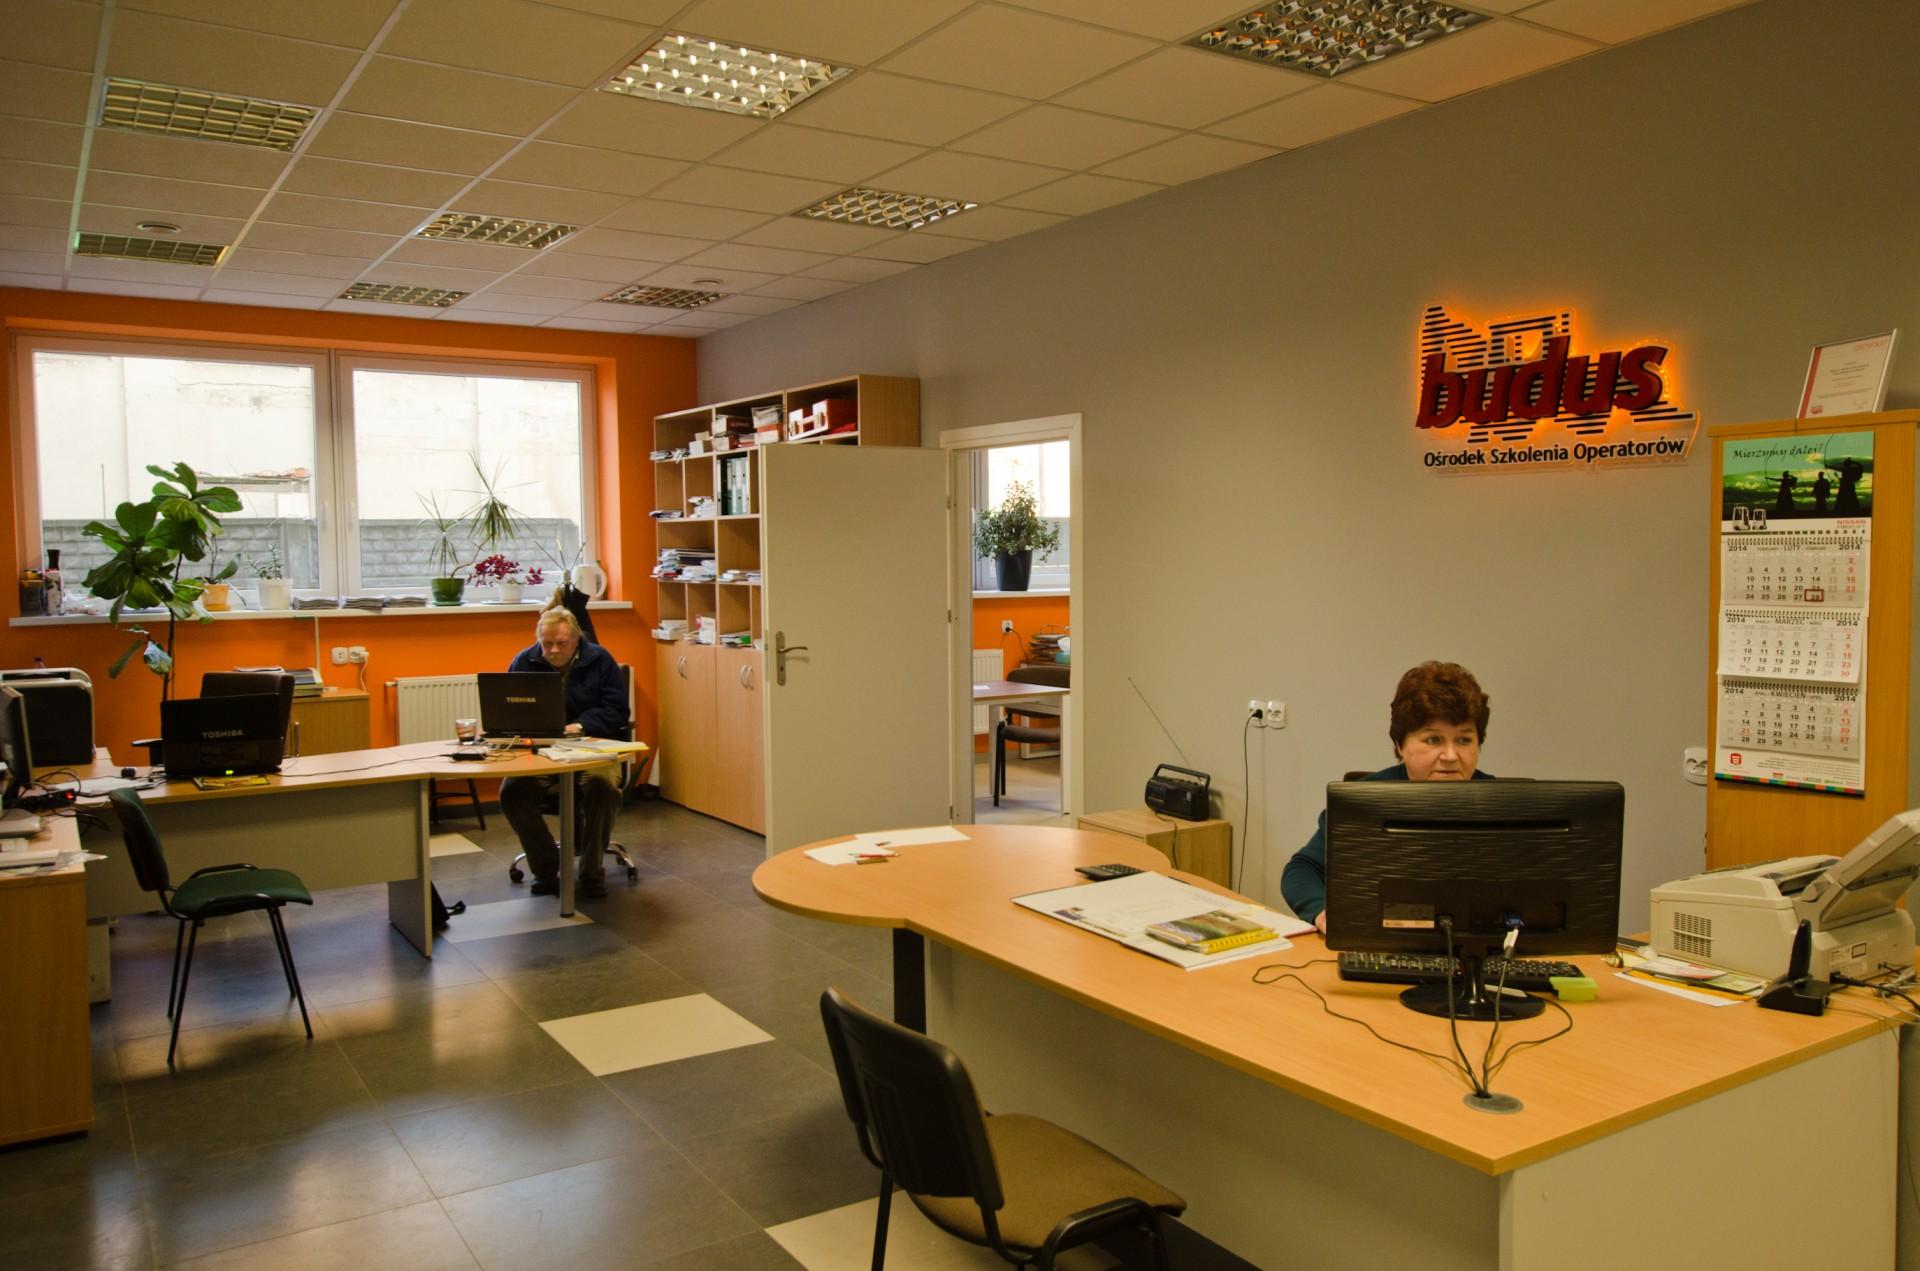 Budus biuro